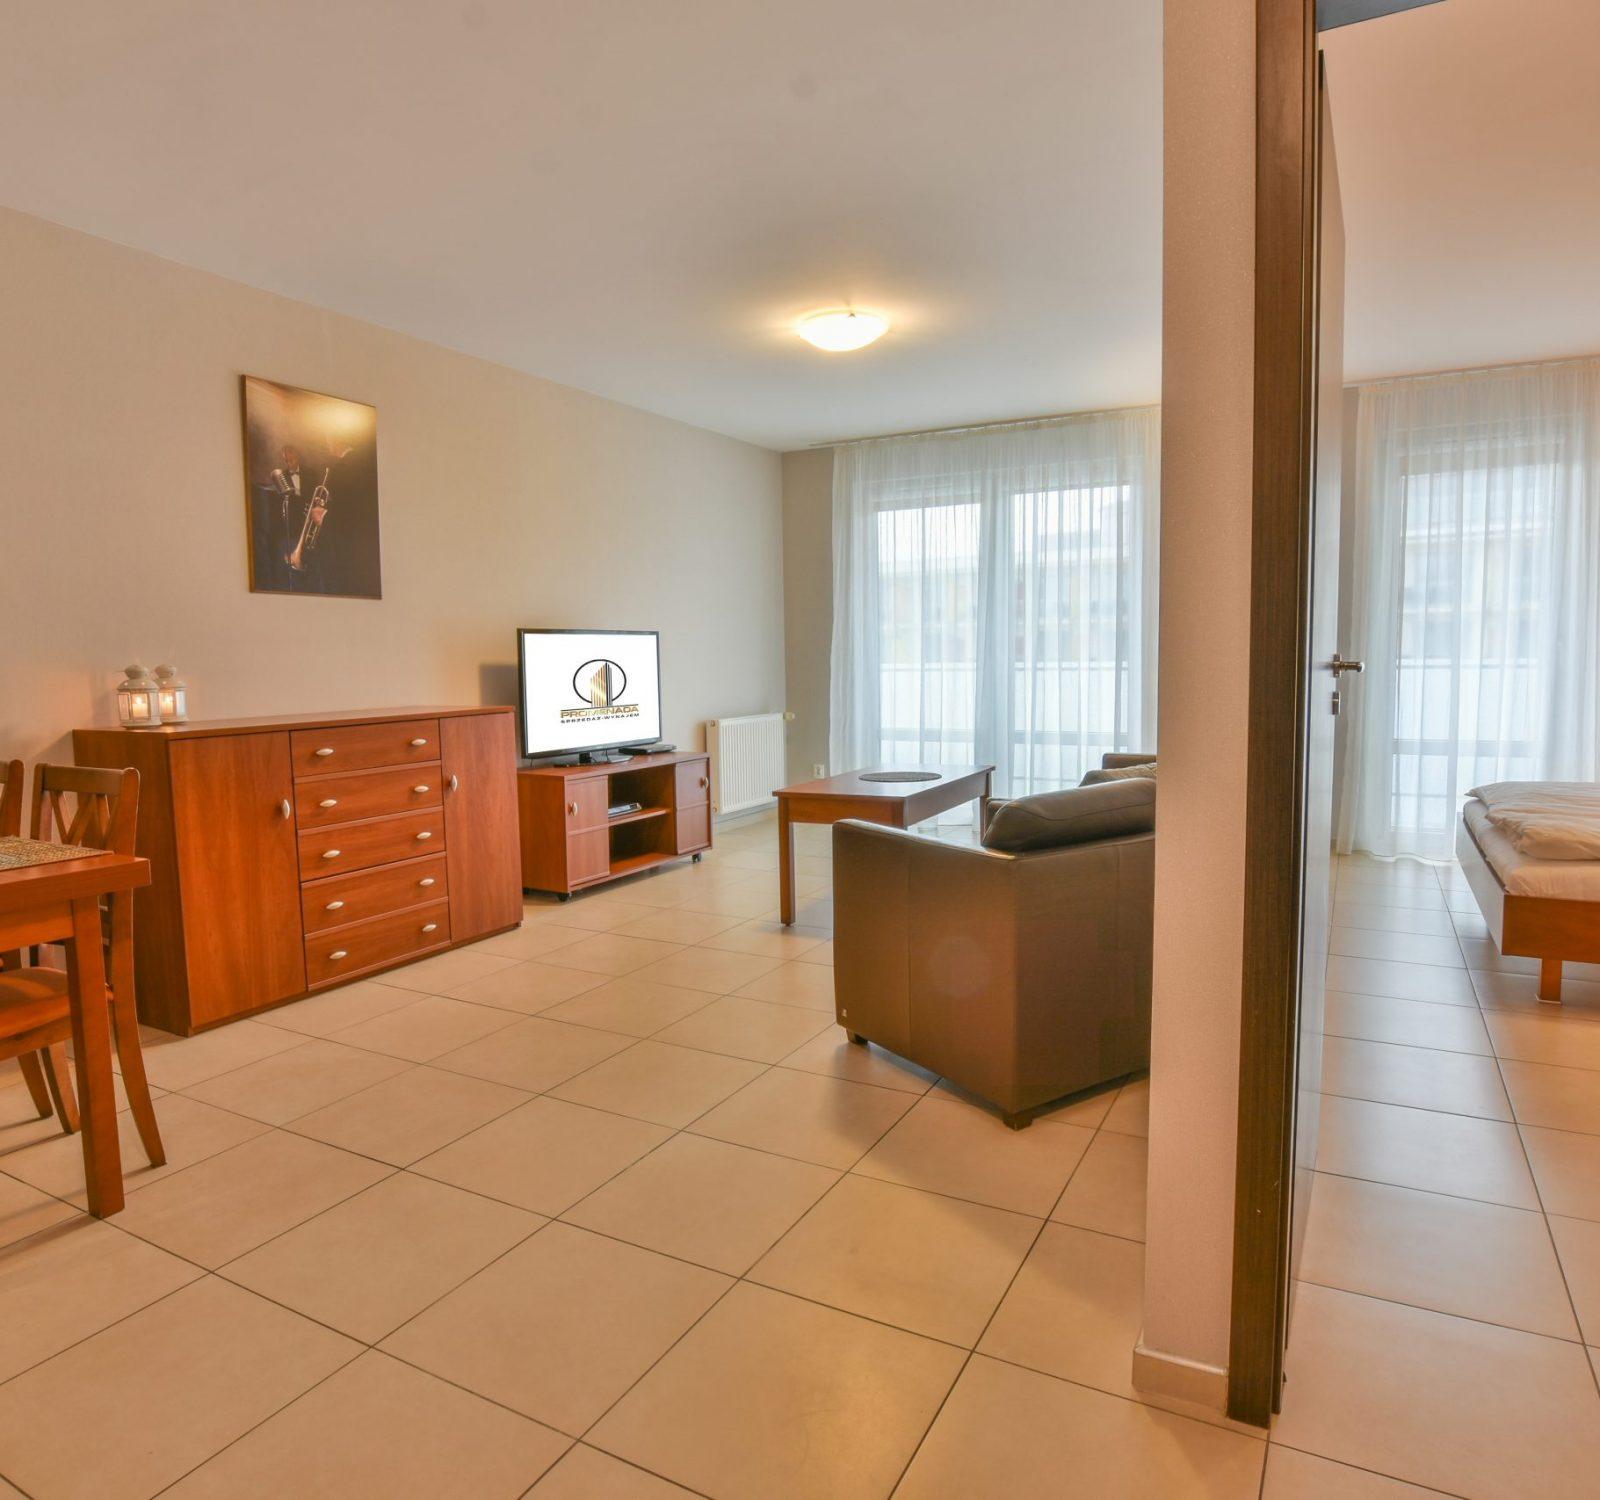 Apartament Aquarius107 - Promenada Apartamenty 4